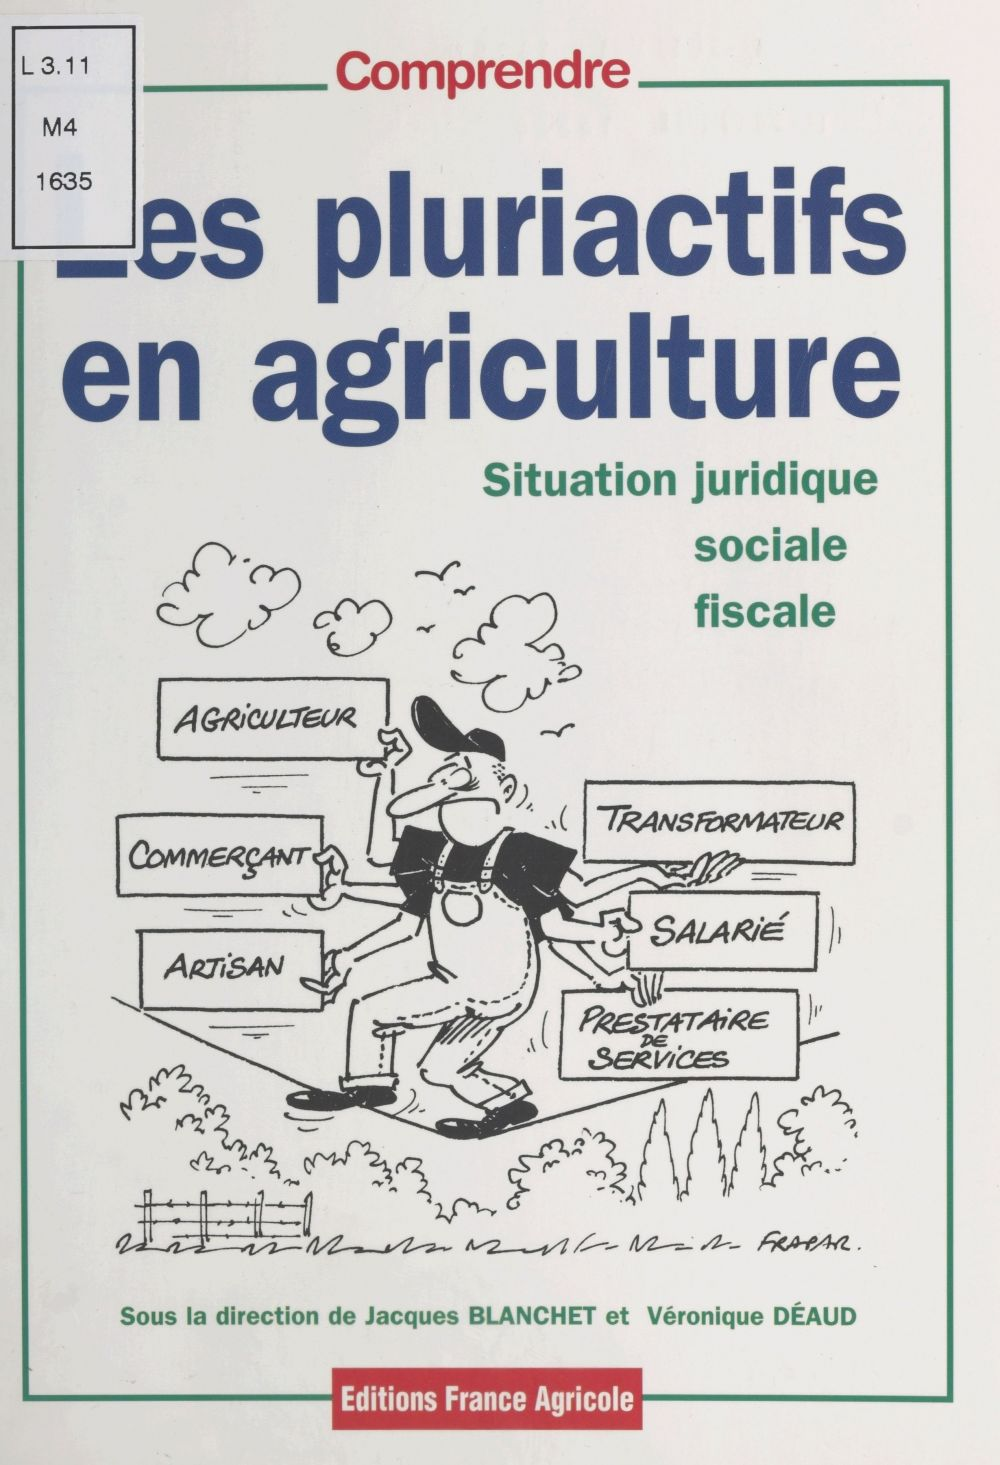 Les pluriactifs en agriculture